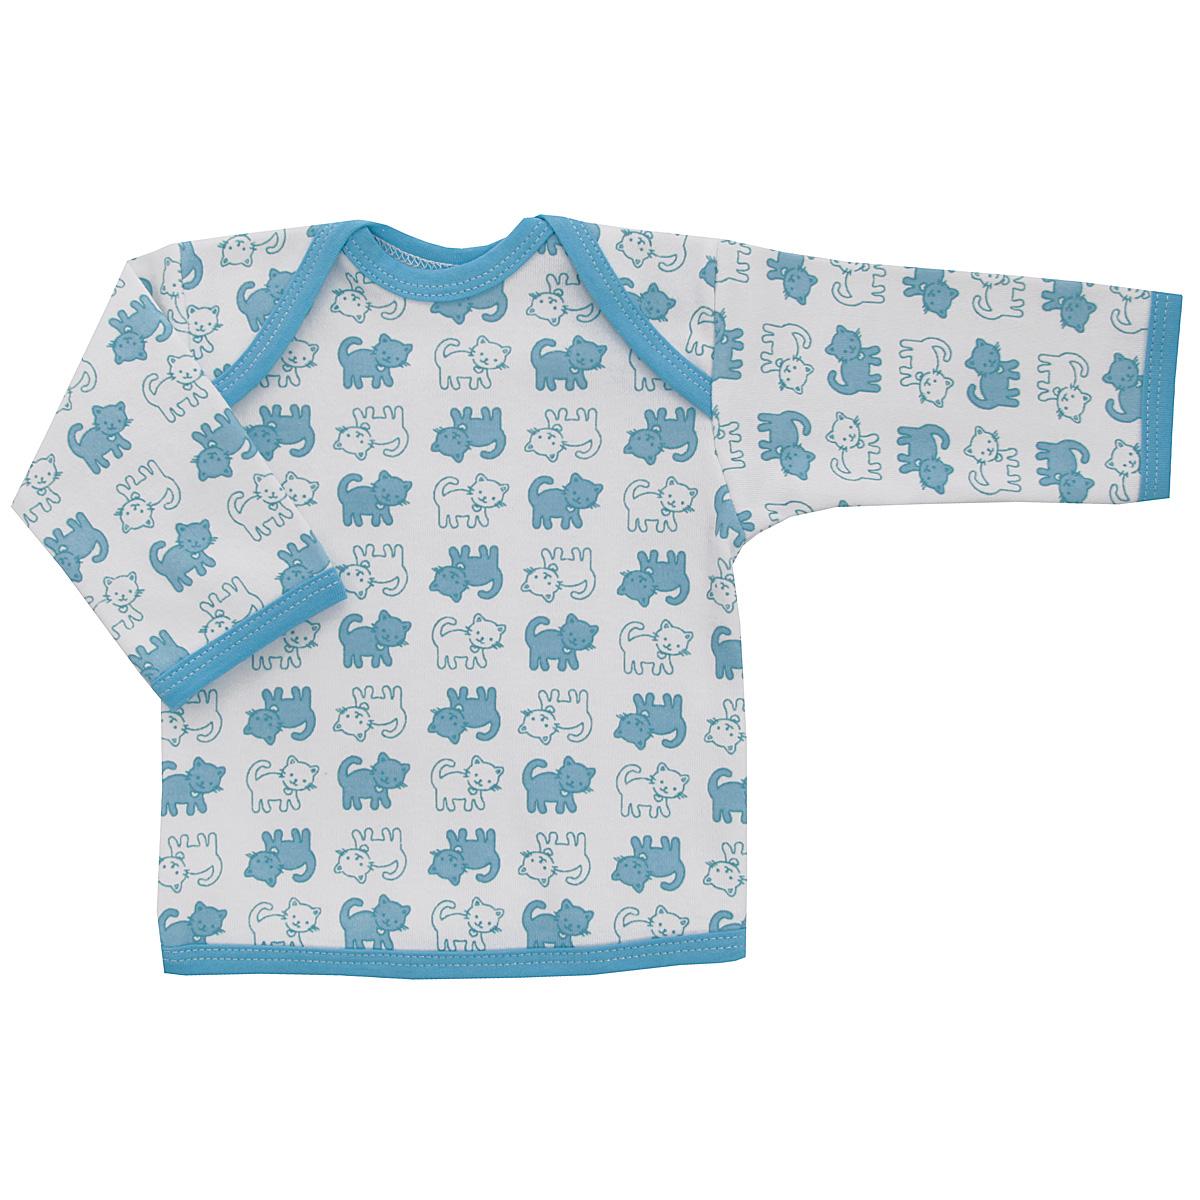 Футболка с длинным рукавом детская Трон-плюс, цвет: белый, голубой. 5611_котенок. Размер 62, 3 месяца5611_котенокУдобная детская футболка Трон-плюс с длинными рукавами послужит идеальным дополнением к гардеробу вашего ребенка, обеспечивая ему наибольший комфорт. Изготовленная из интерлока - натурального хлопка, она необычайно мягкая и легкая, не раздражает нежную кожу ребенка и хорошо вентилируется, а эластичные швы приятны телу ребенка и не препятствуют его движениям. Удобные запахи на плечах помогают легко переодеть младенца. Горловина, низ модели и низ рукавов дополнены трикотажной бейкой. Спинка модели незначительно укорочена. Оформлено изделие принтом с изображениями котенка. Футболка полностью соответствует особенностям жизни ребенка в ранний период, не стесняя и не ограничивая его в движениях.